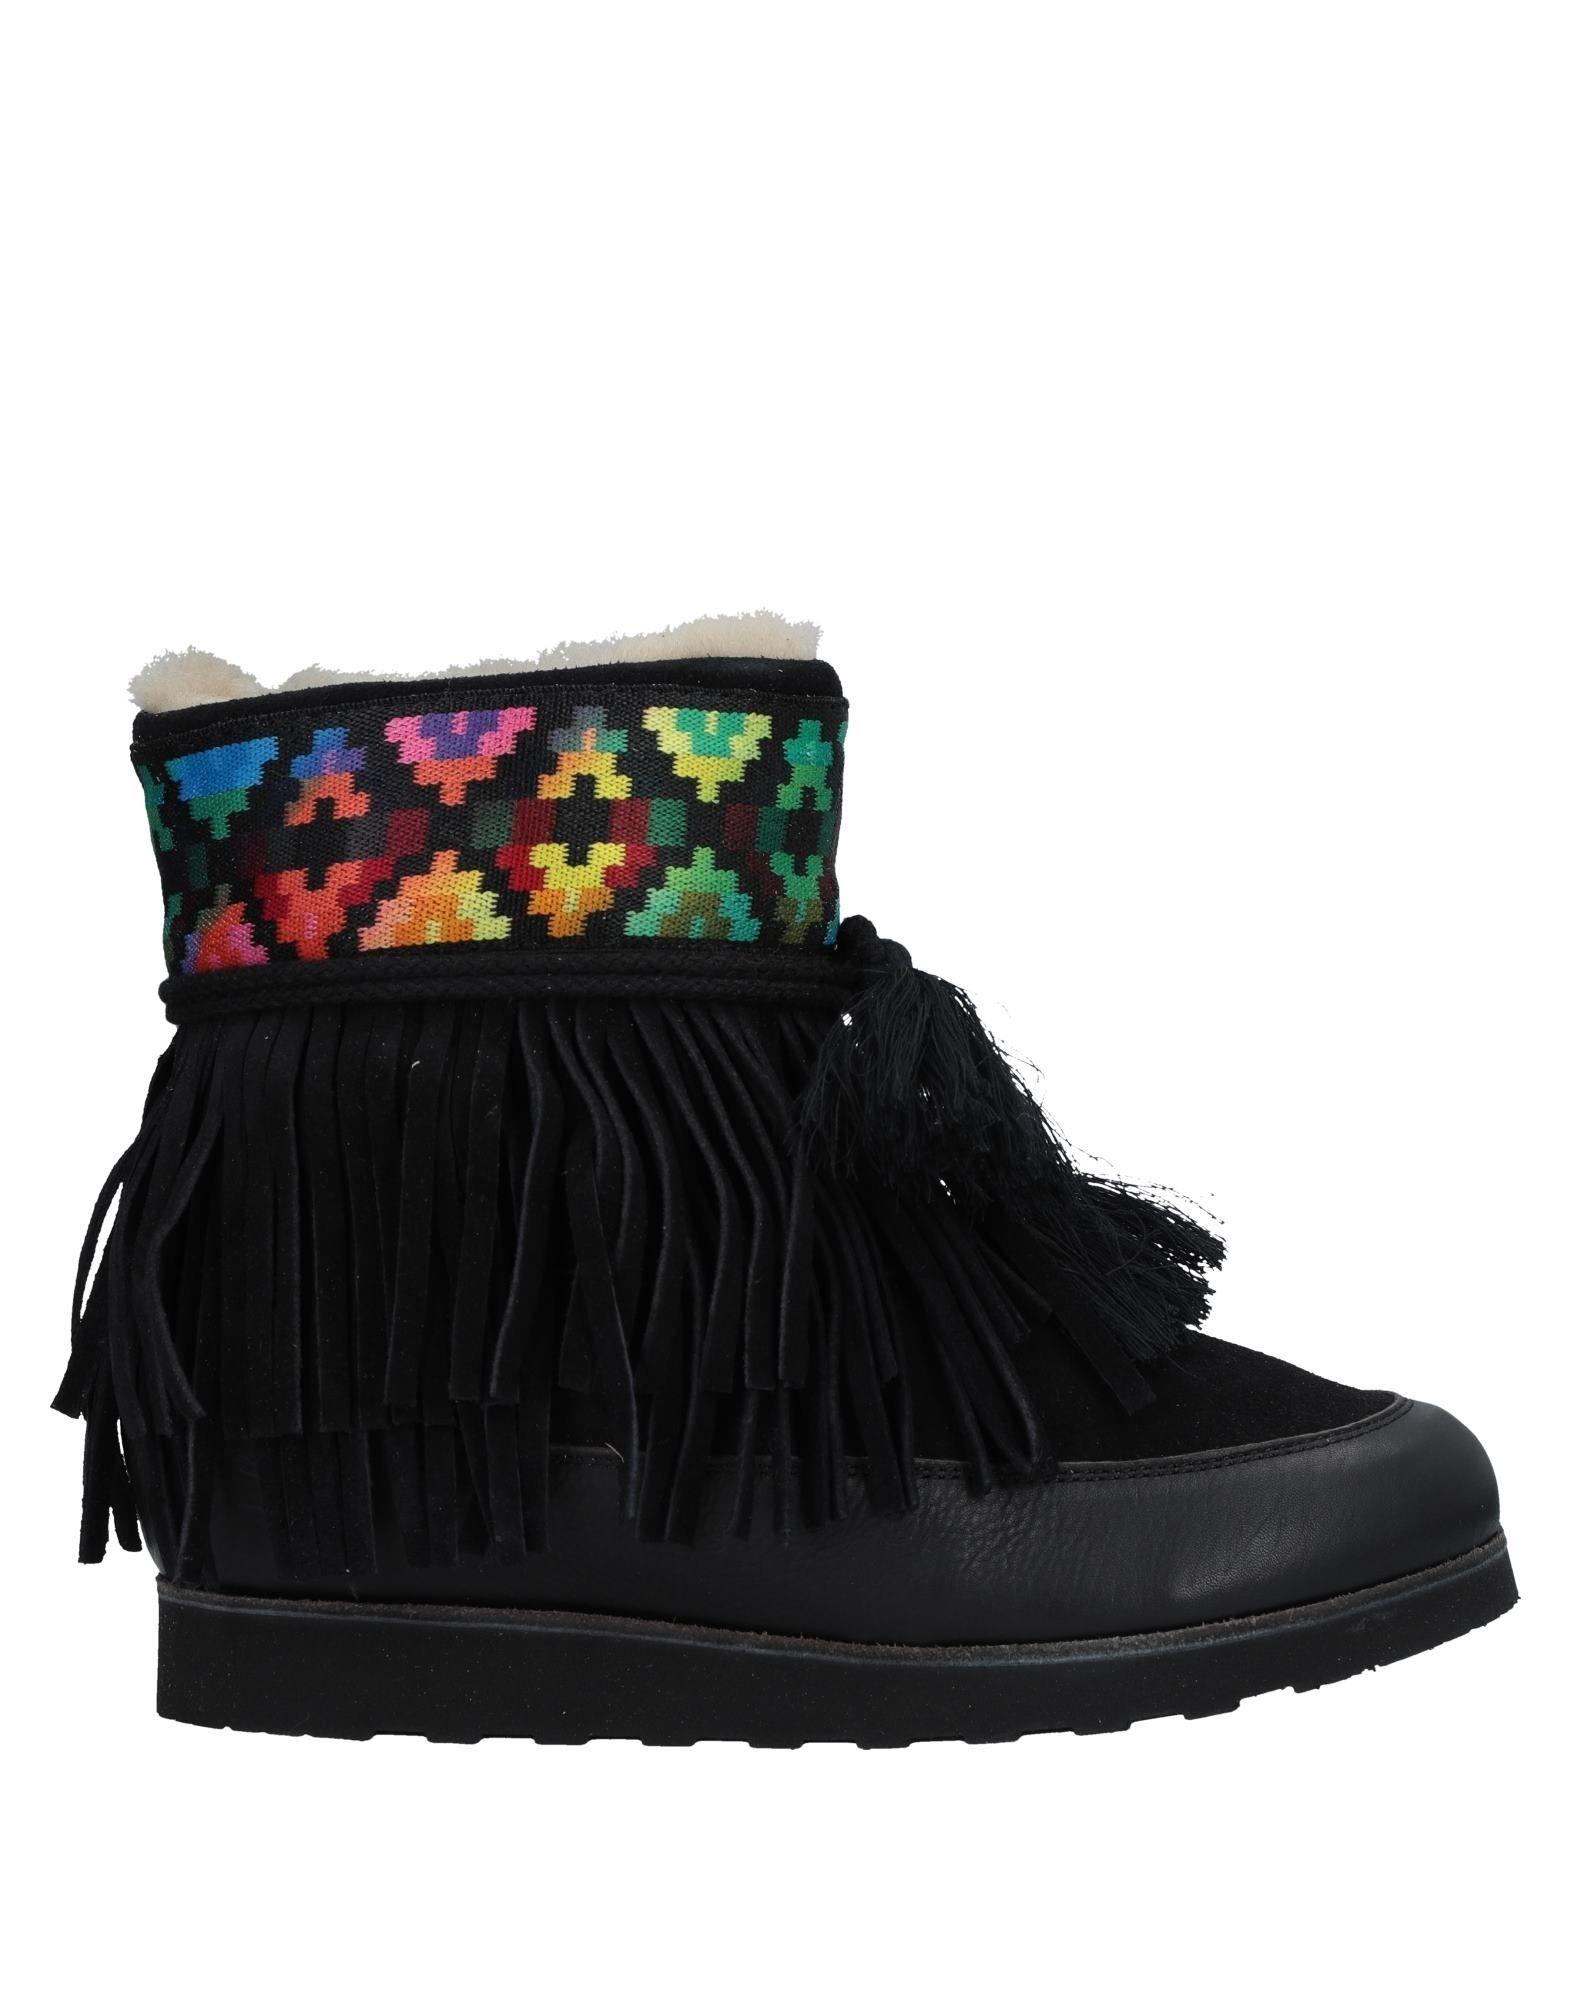 Stilvolle billige Schuhe Schuhe Schuhe Dolfie Stiefelette Damen  11527960MD 21cadc